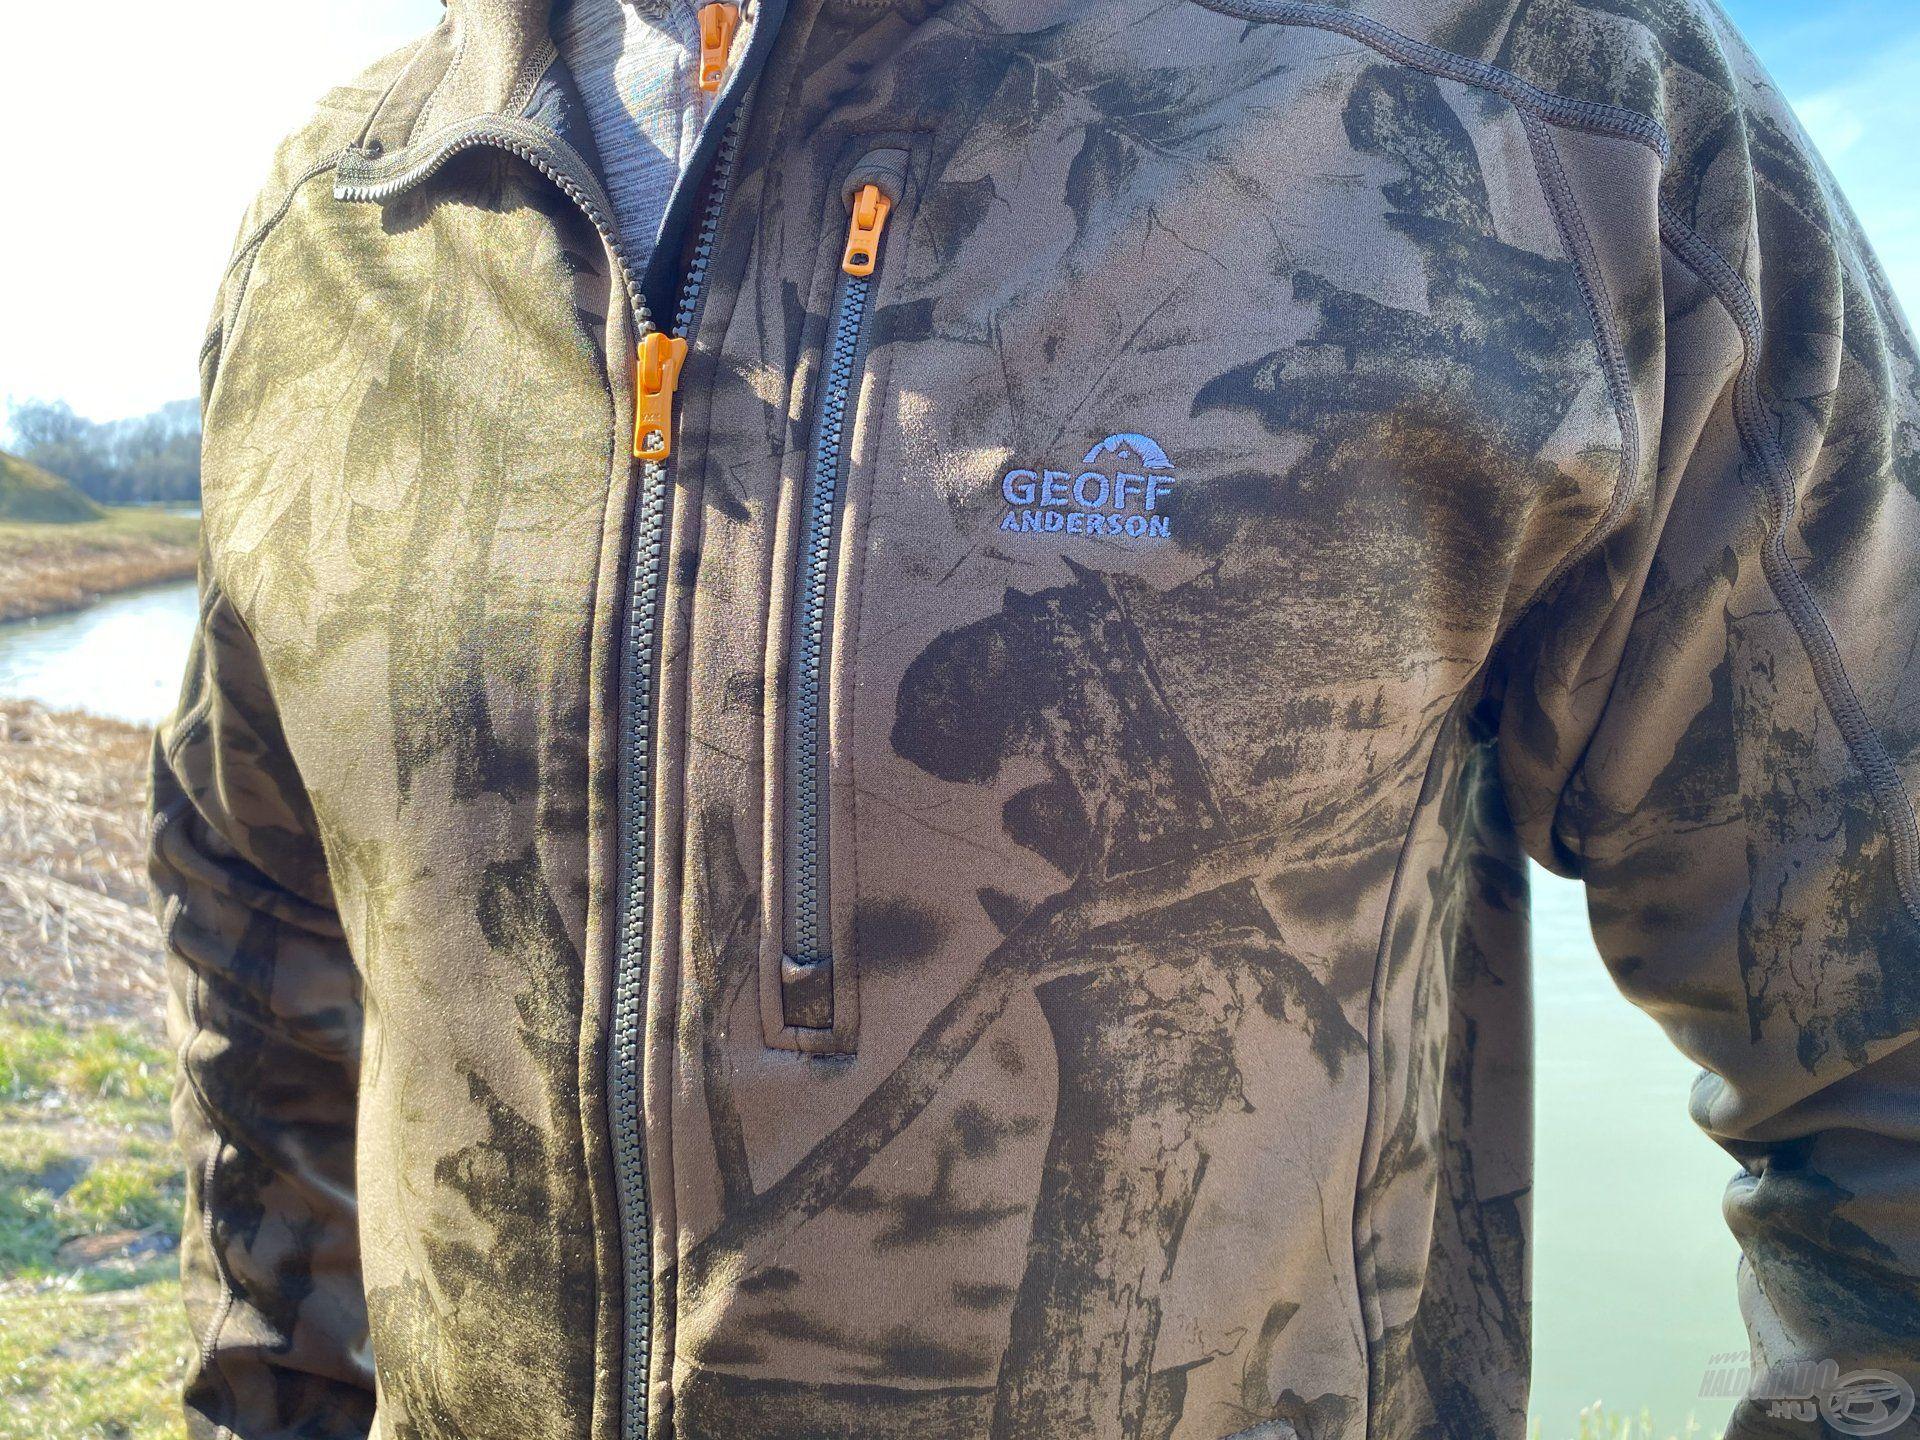 Ezen a felső ruházaton is megtalálható a mellkasi zipzáras zseb